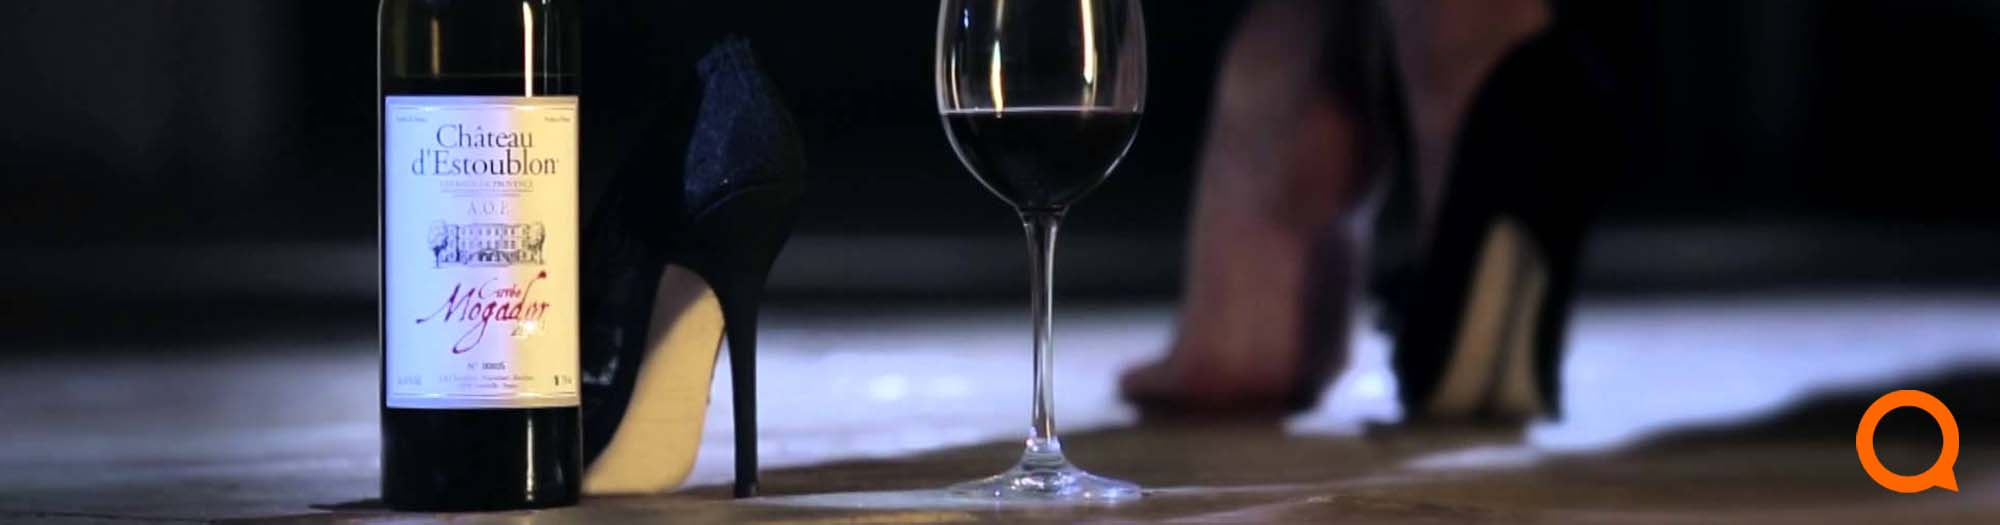 Soort wijn